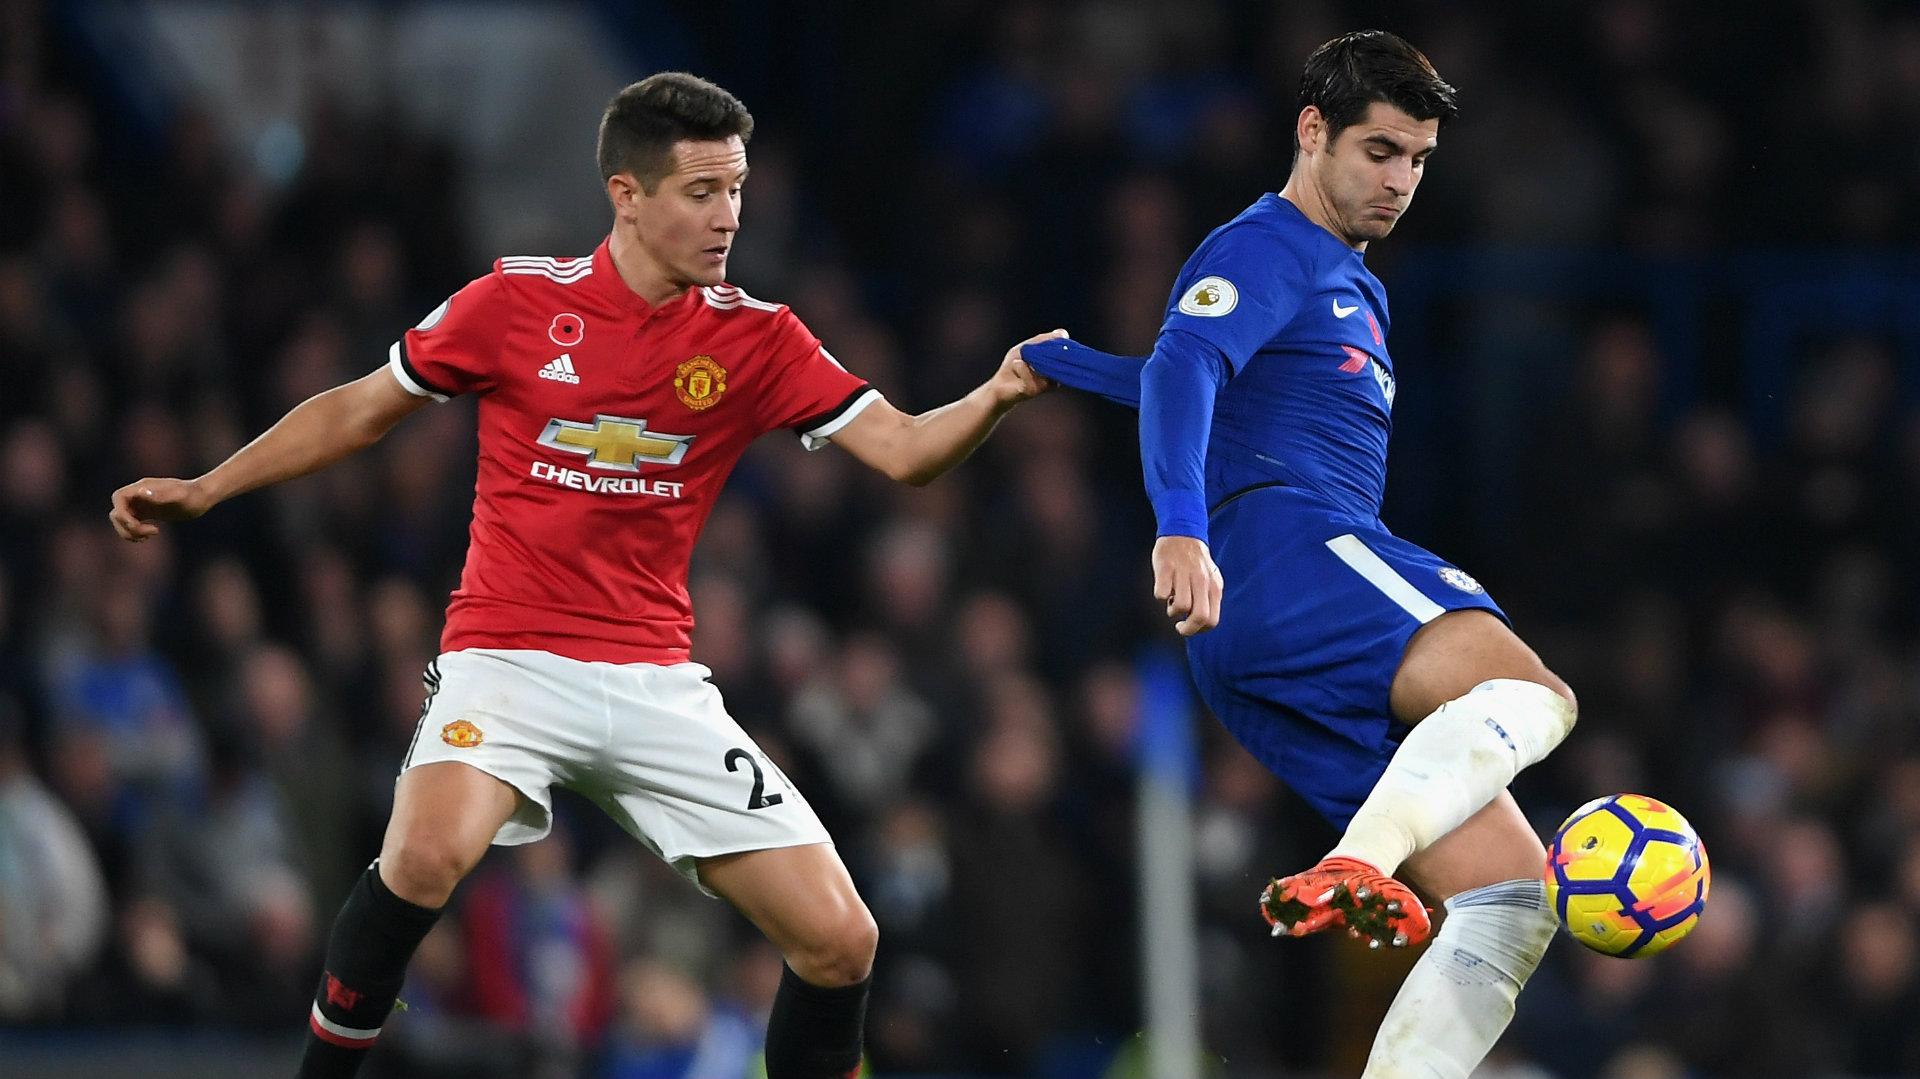 Ander Herrera, Alvaro Morata, Chelsea v Man Utd 17/18